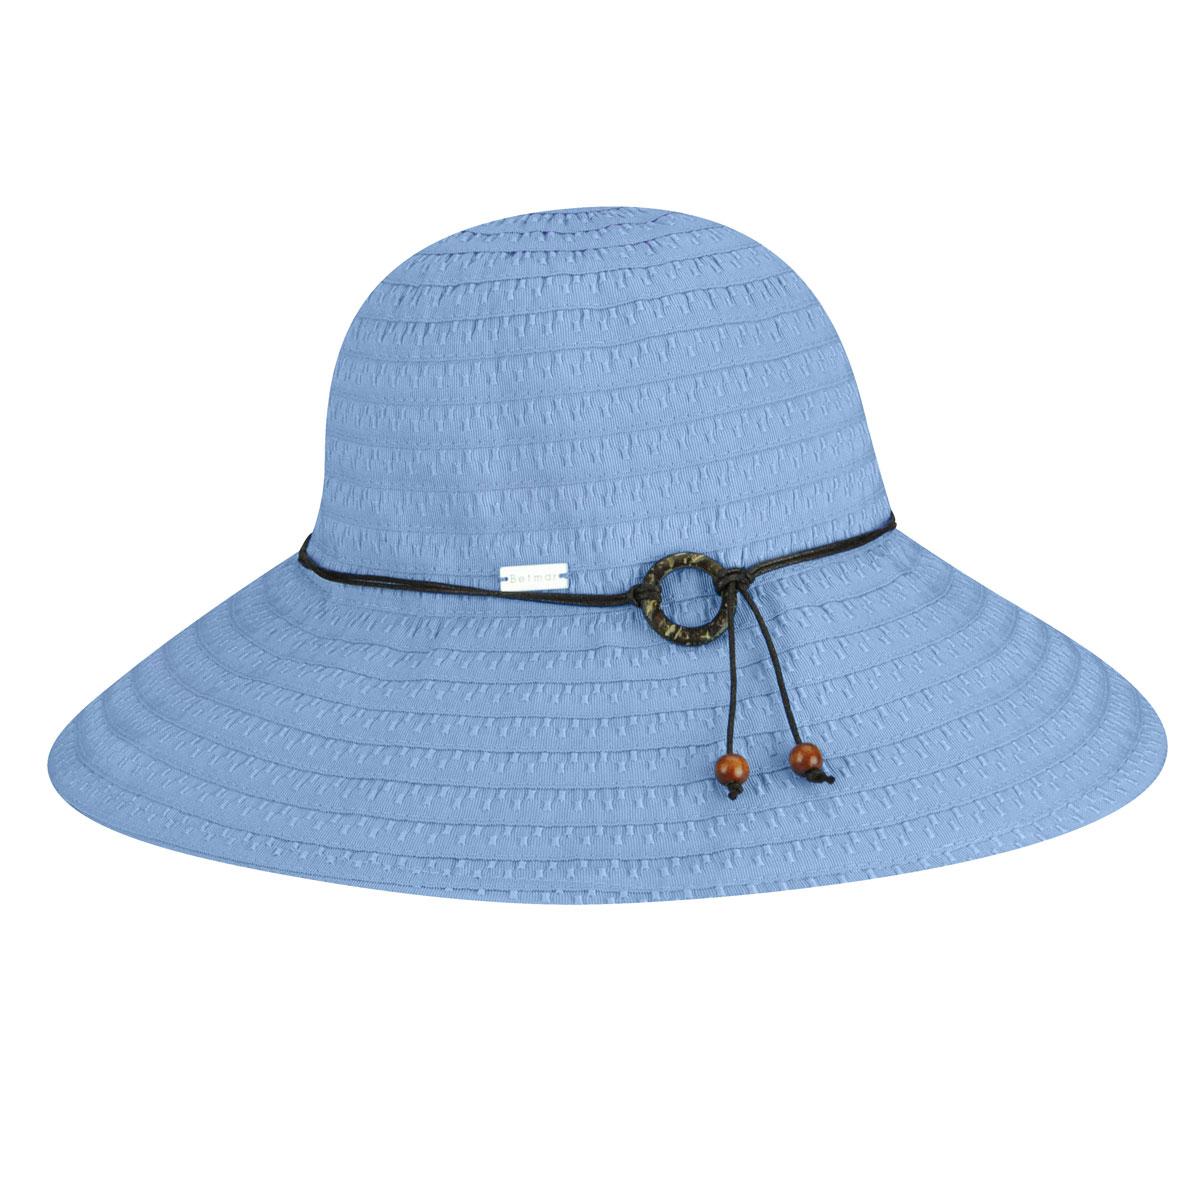 Betmar Coconut Ring Safari Hat in Periwinkle